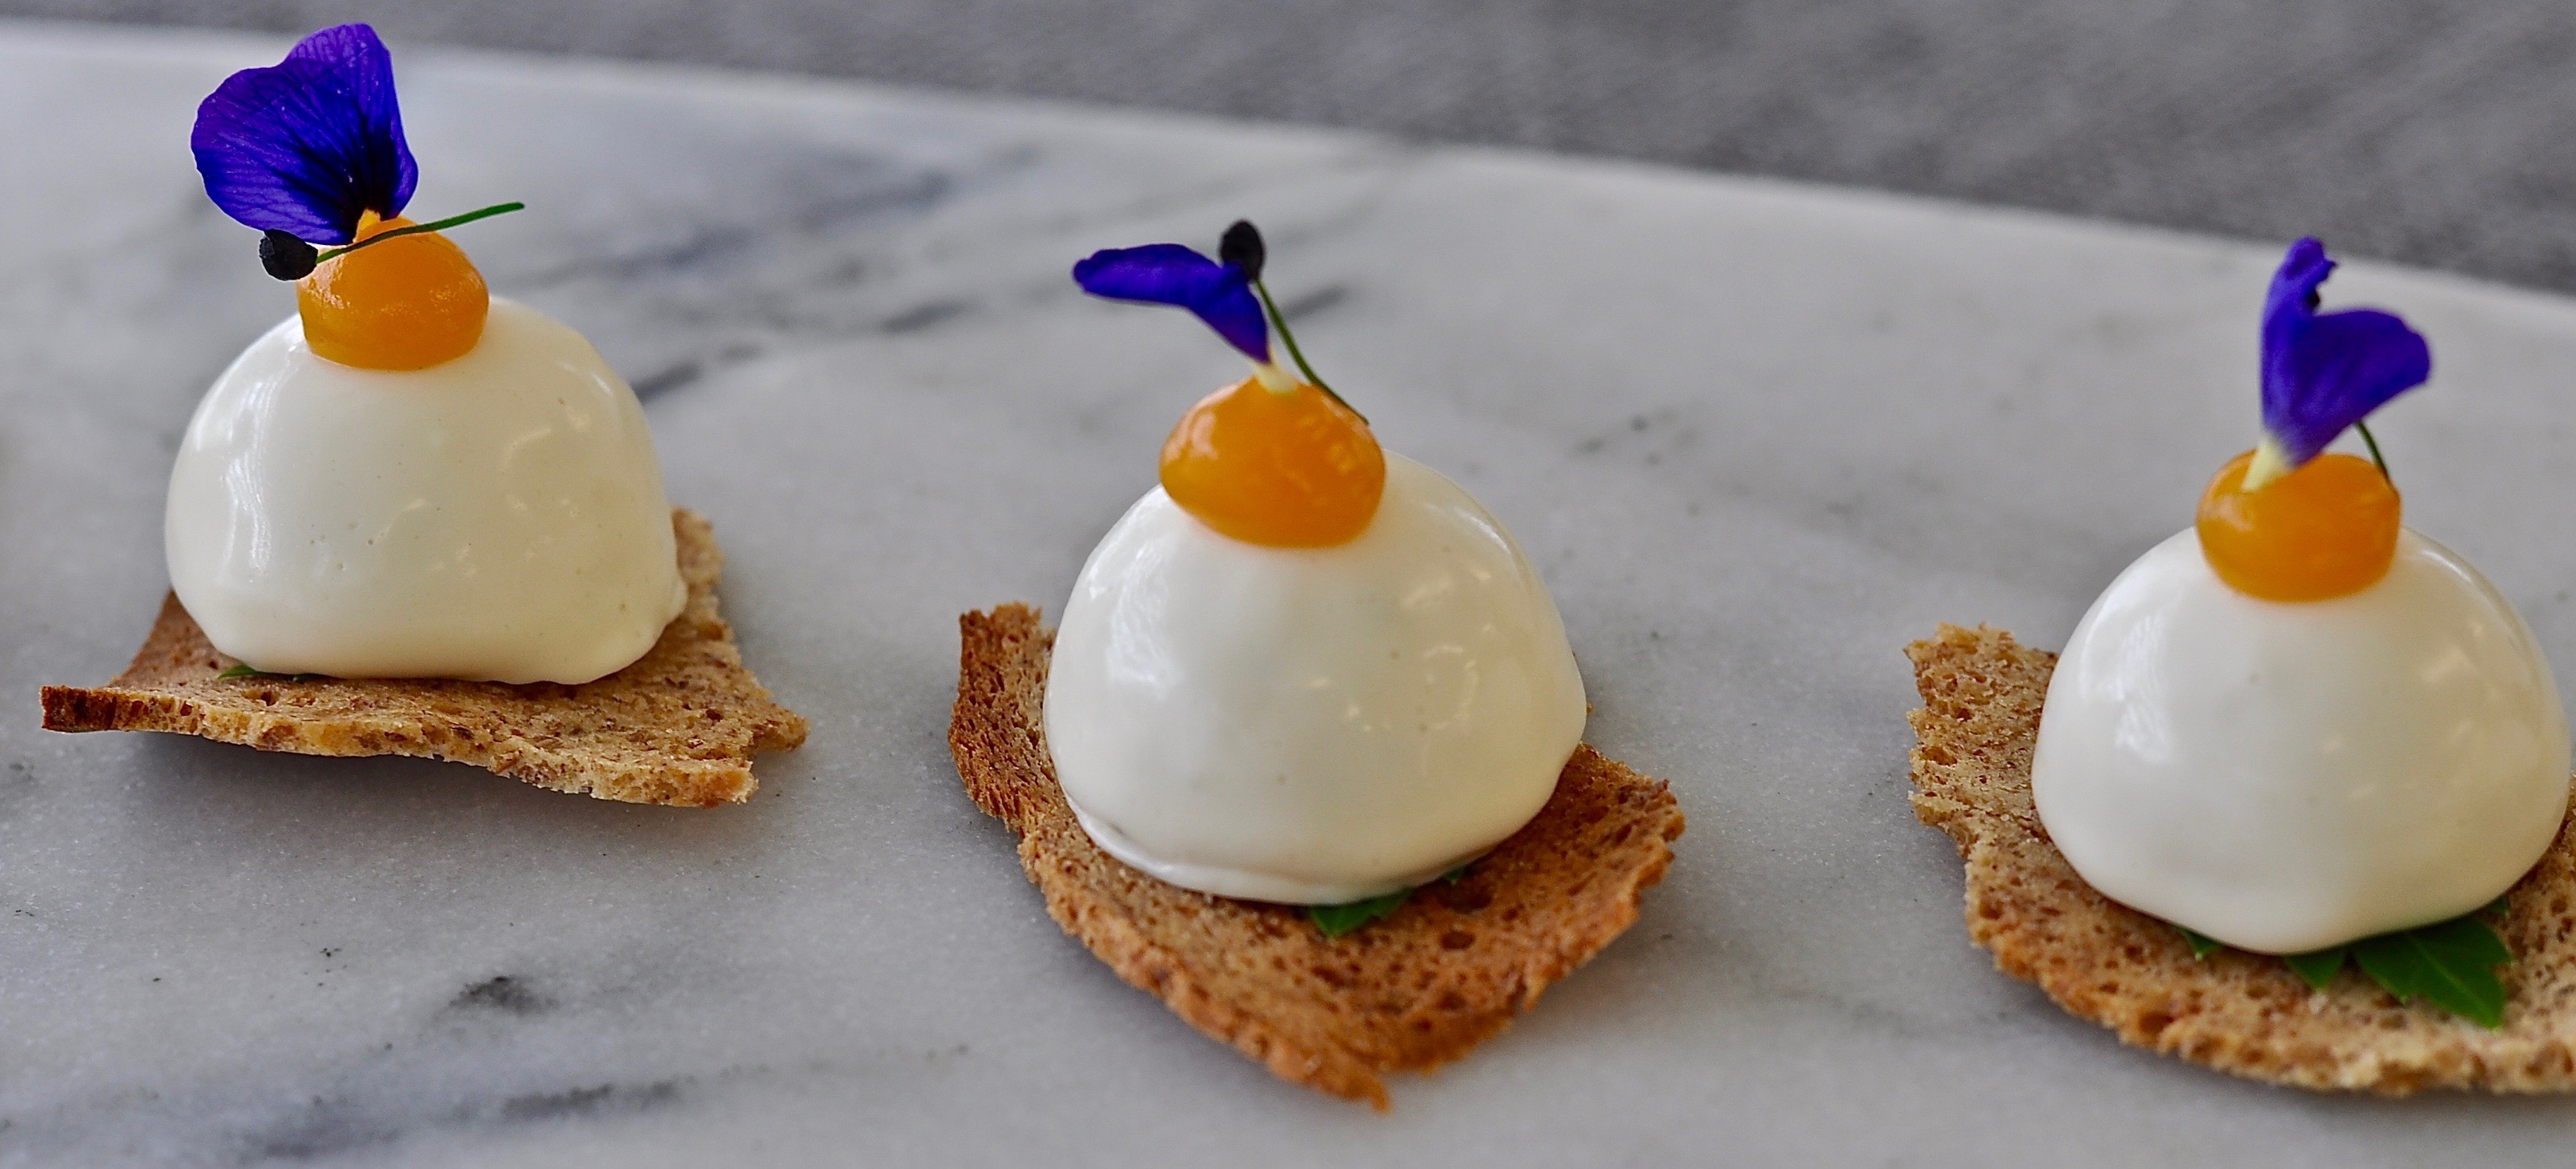 Chicken & Buttermilk Sphere, Lemon Thyme, Crisp Soda Bread & Apricot Gel.